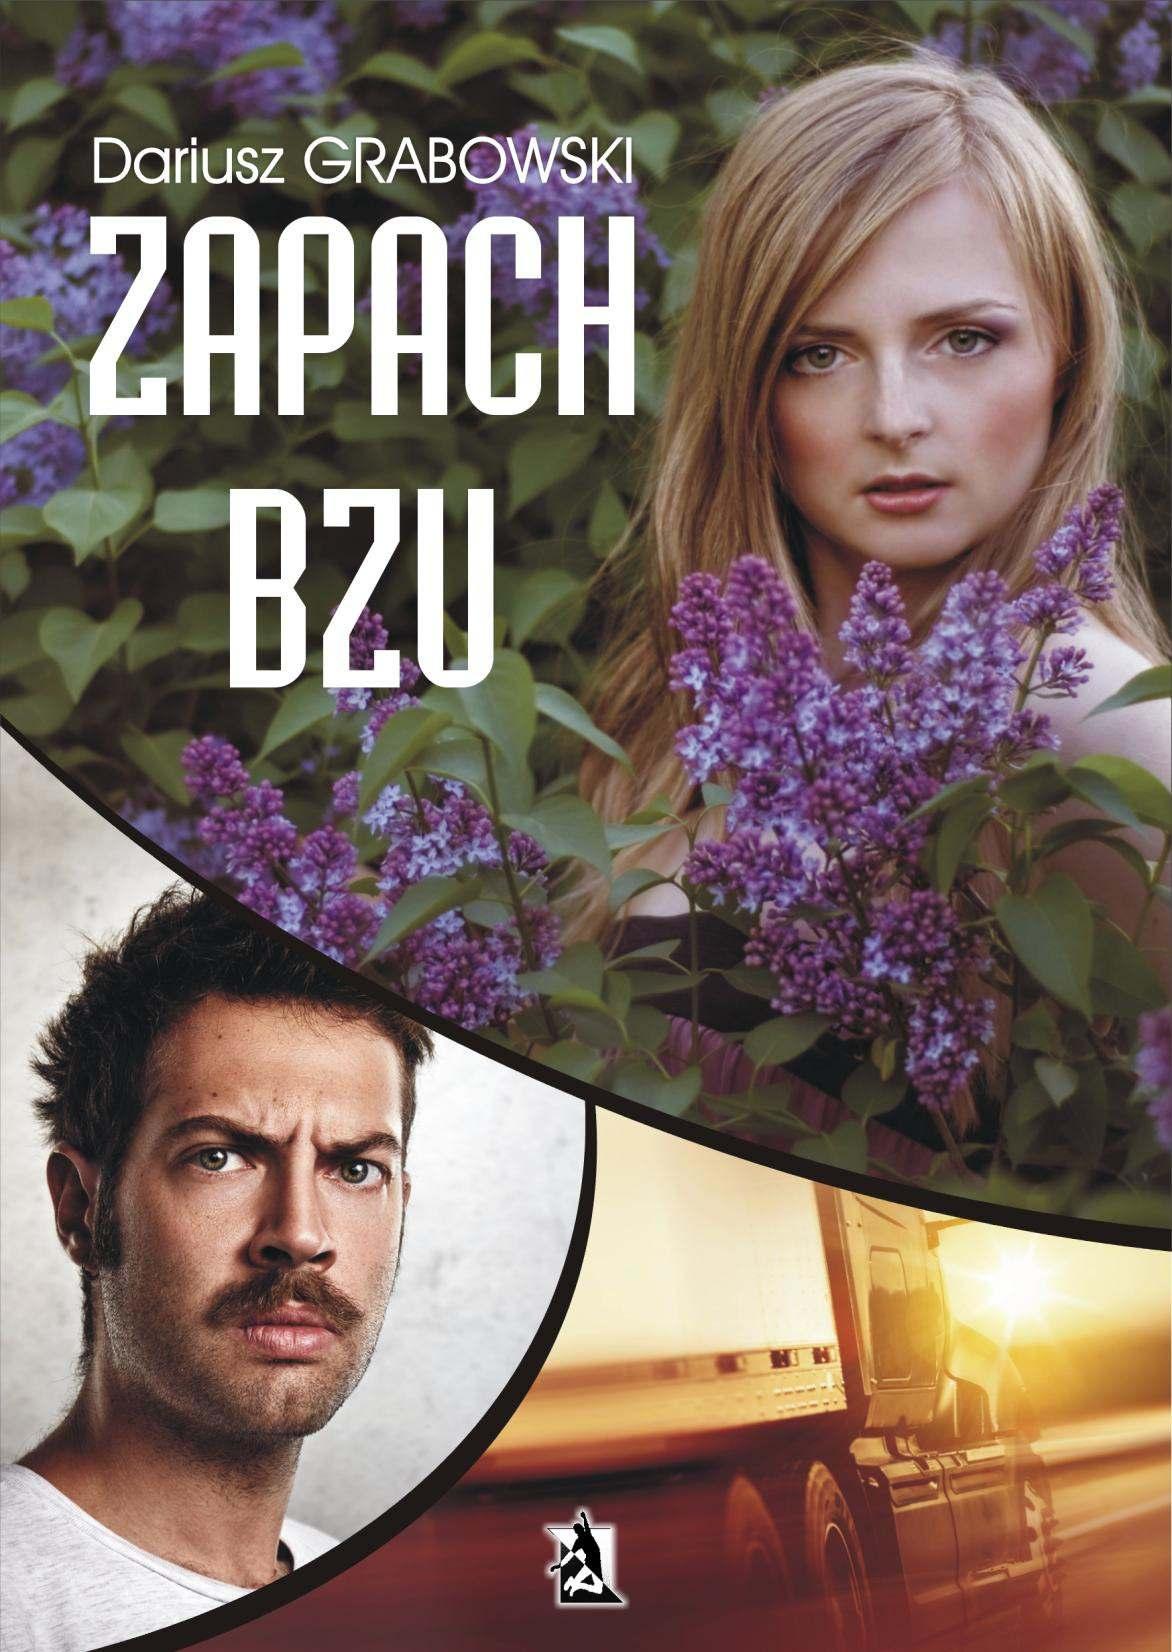 Zapach bzu - Ebook (Książka EPUB) do pobrania w formacie EPUB